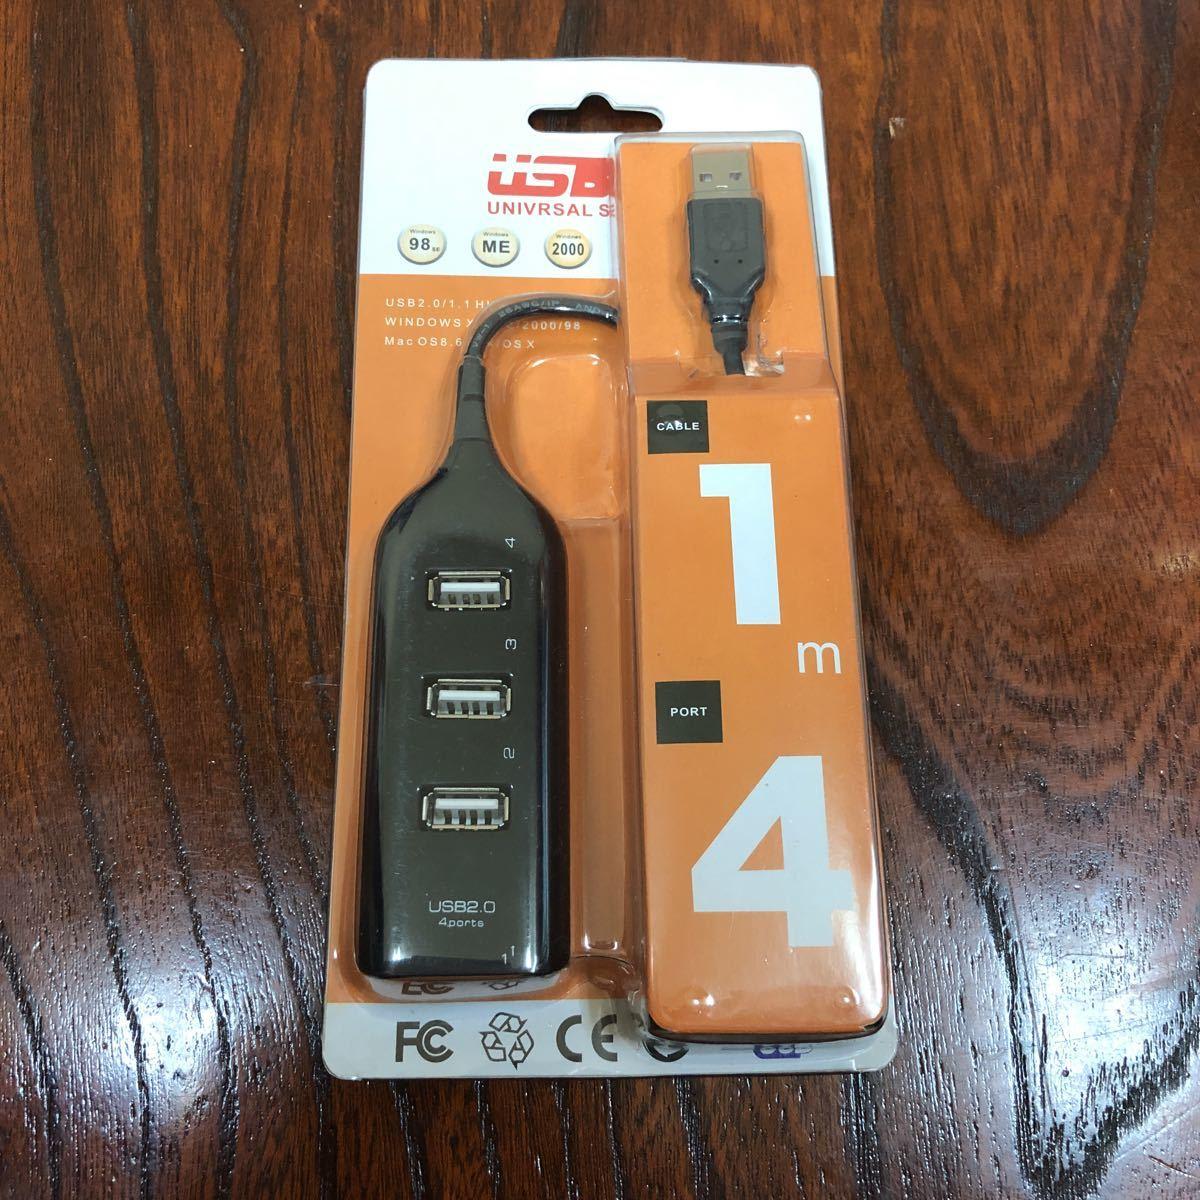 新品未使用 未開封 USBハブ 4個口 黒 ブラック_画像1